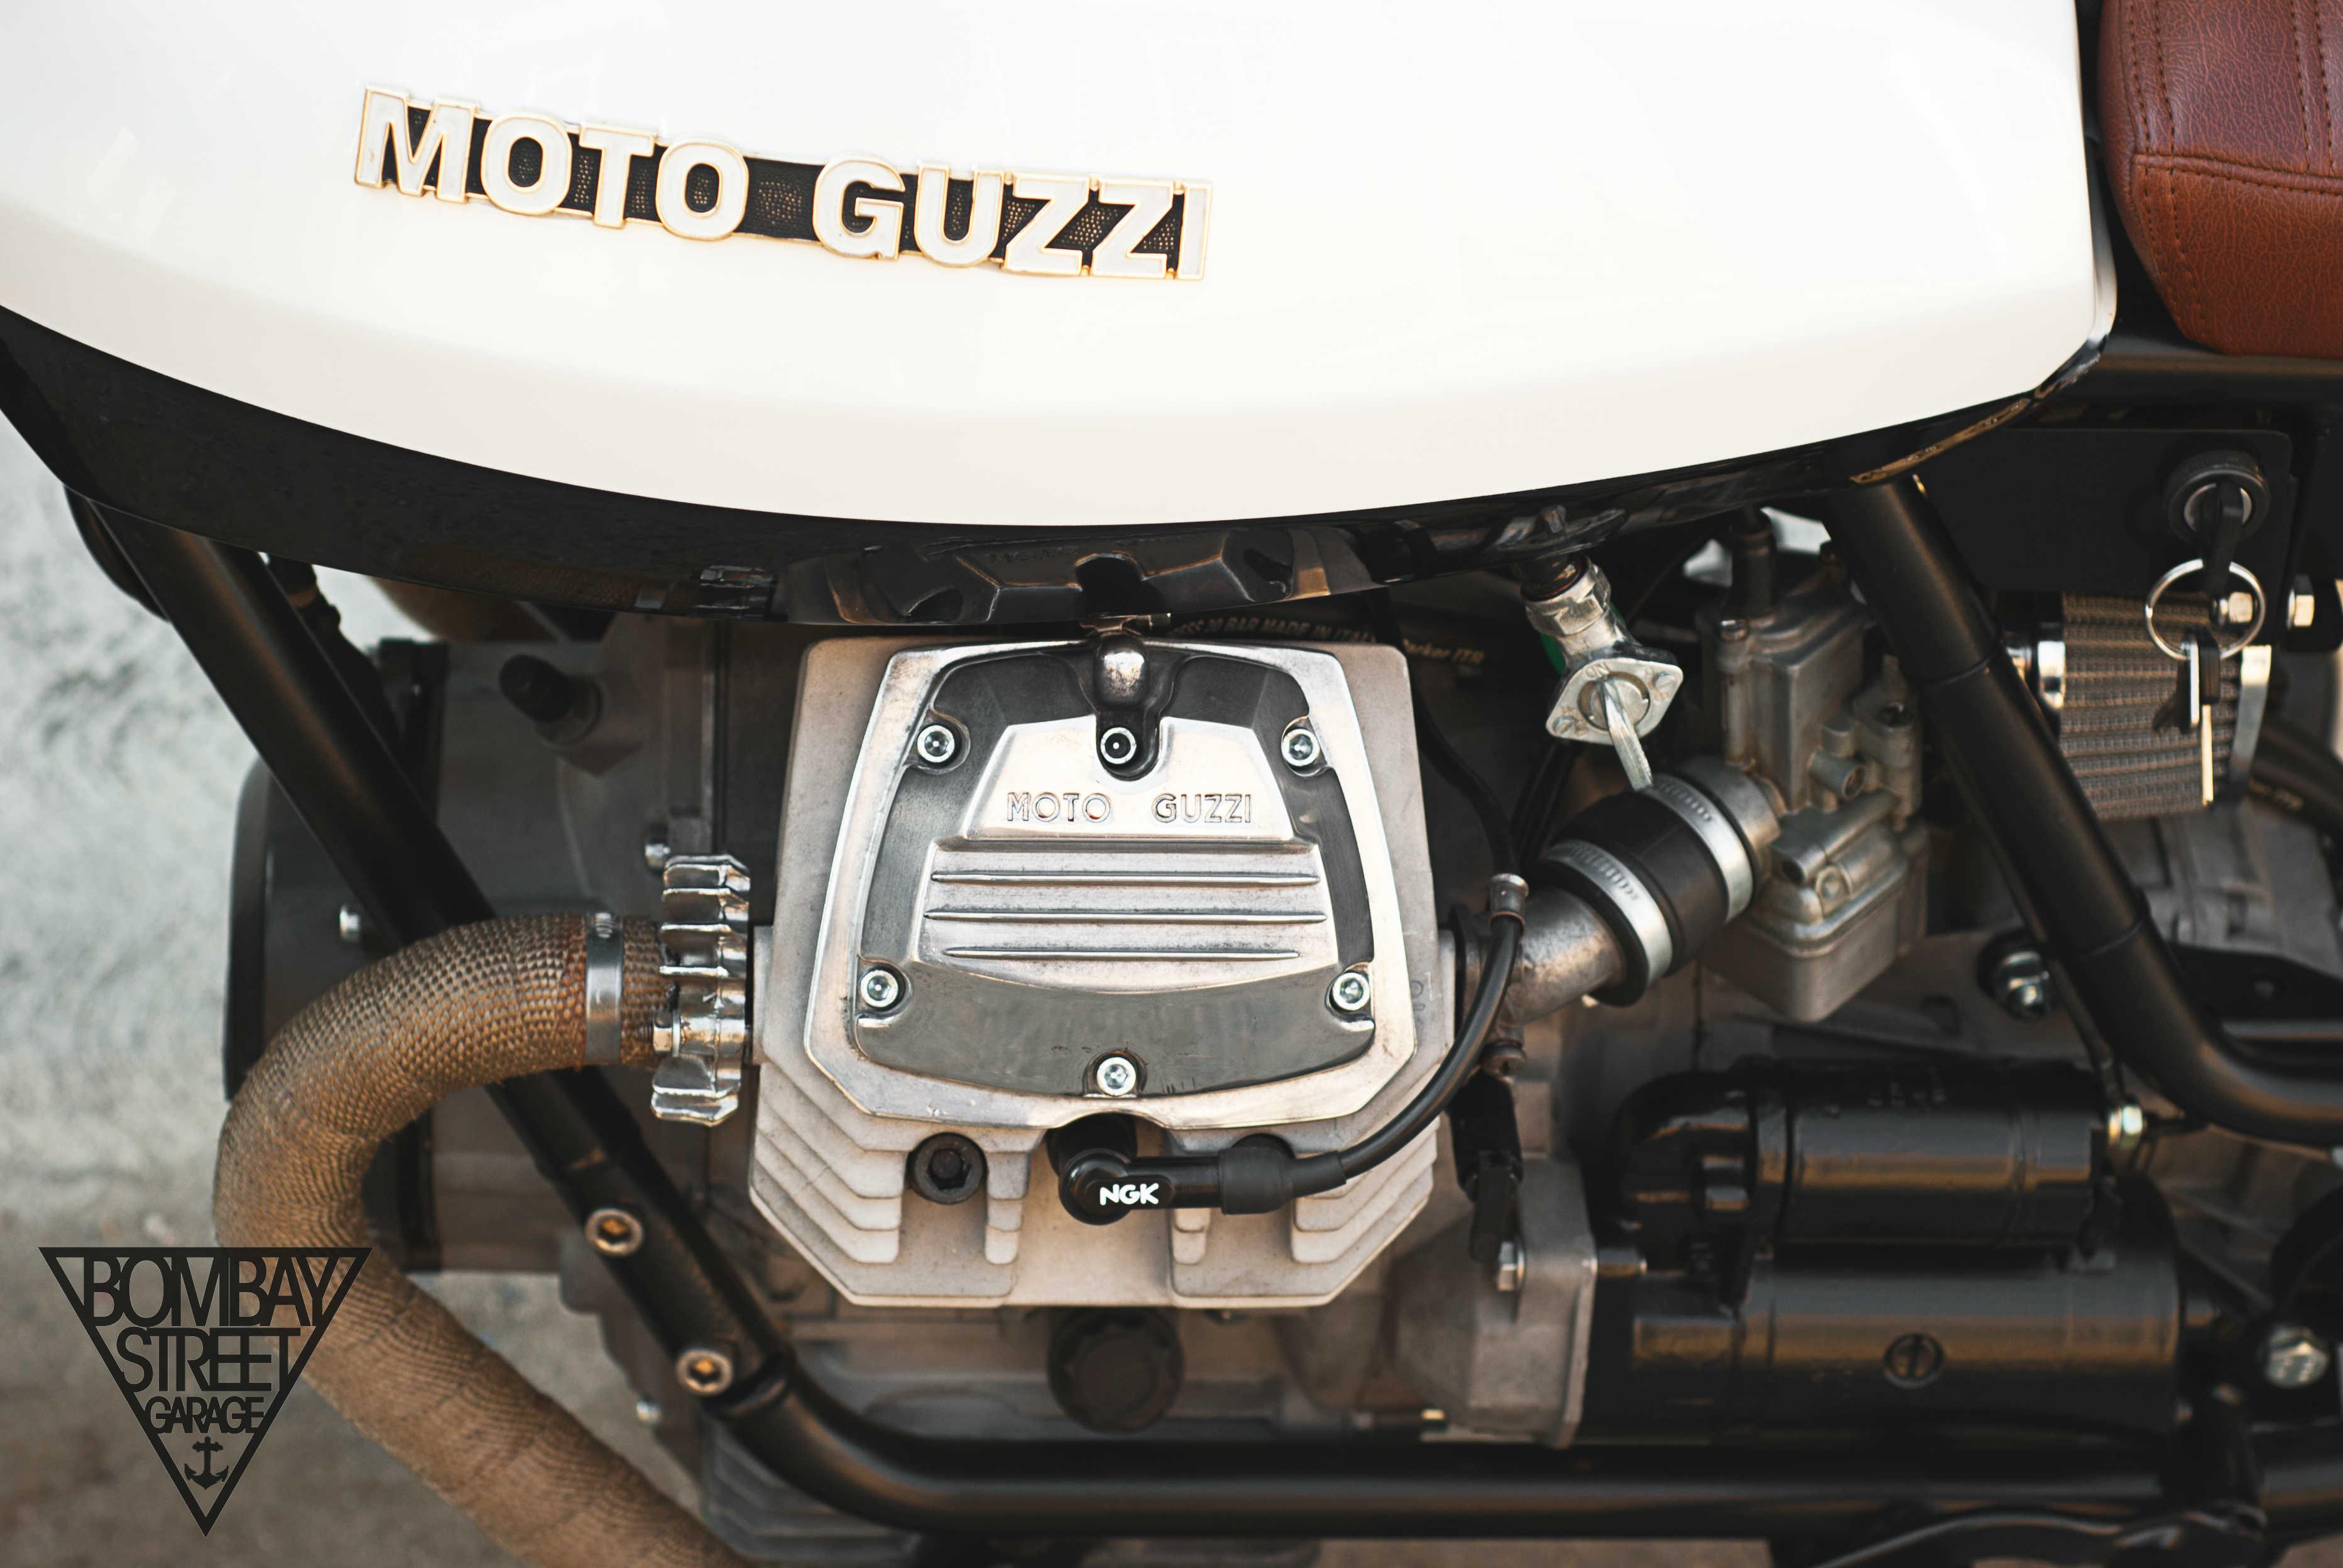 Moto Guzzi V35 Bombay Garage 6